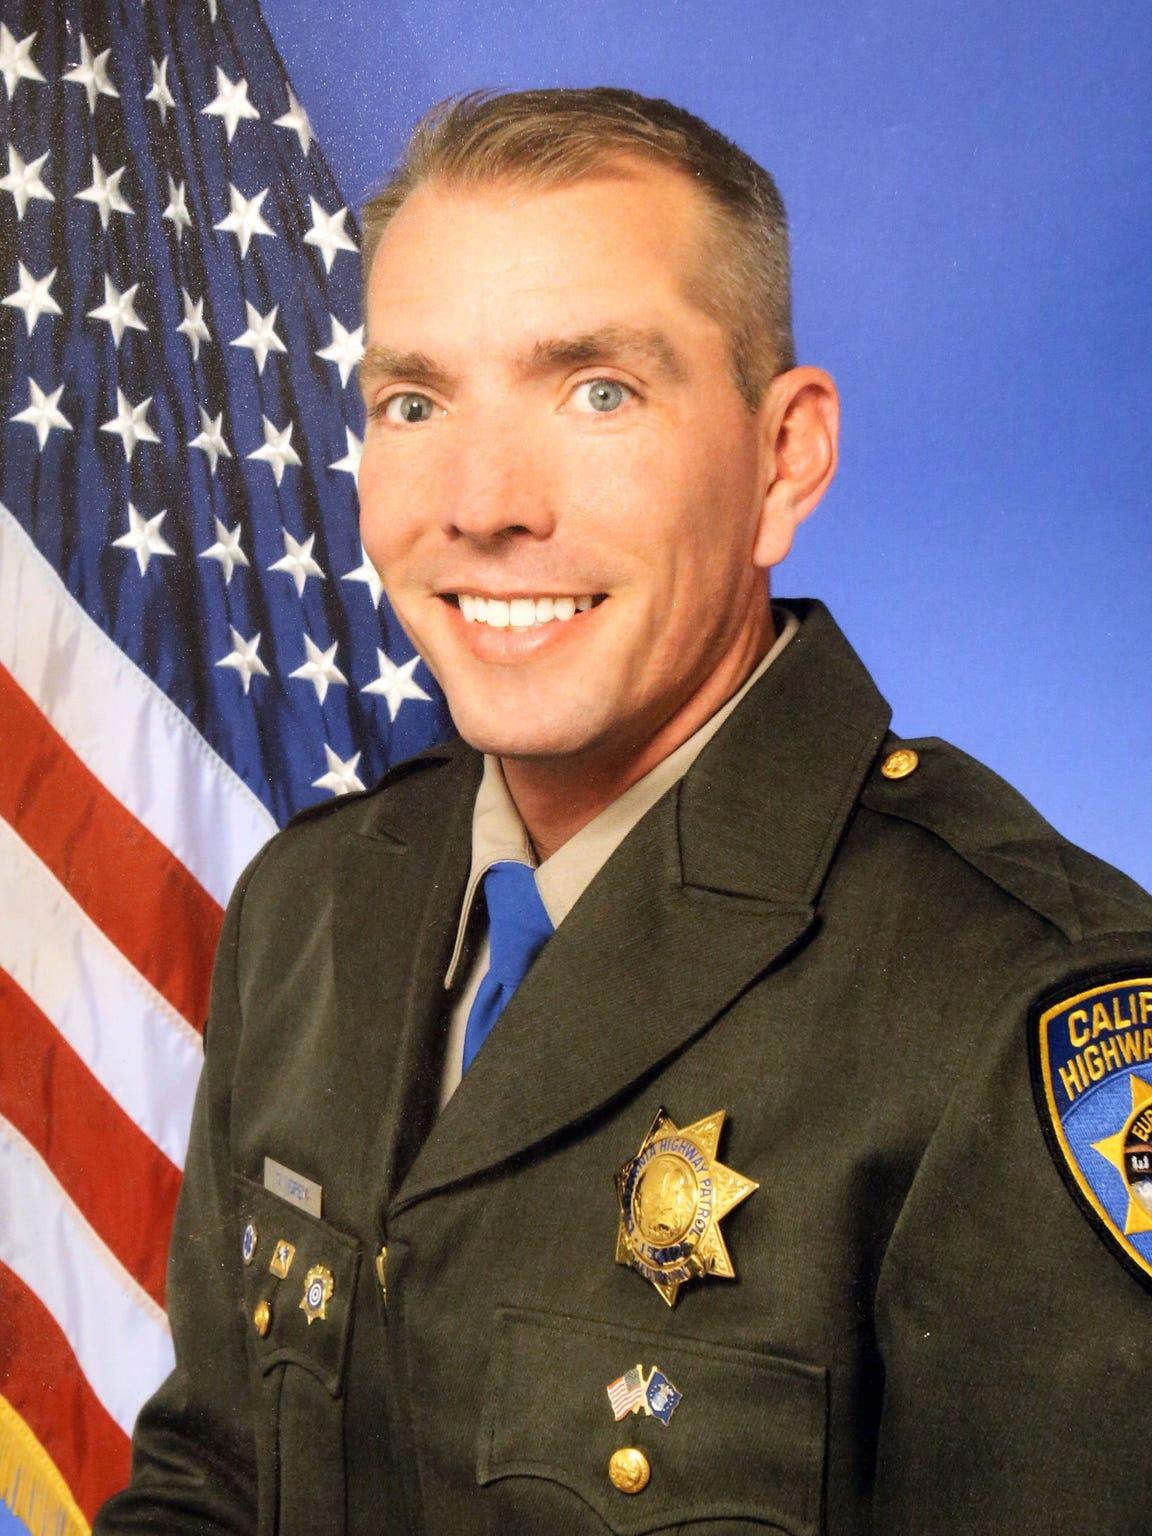 Officer Dane Norem, California Highway Patrol portrait